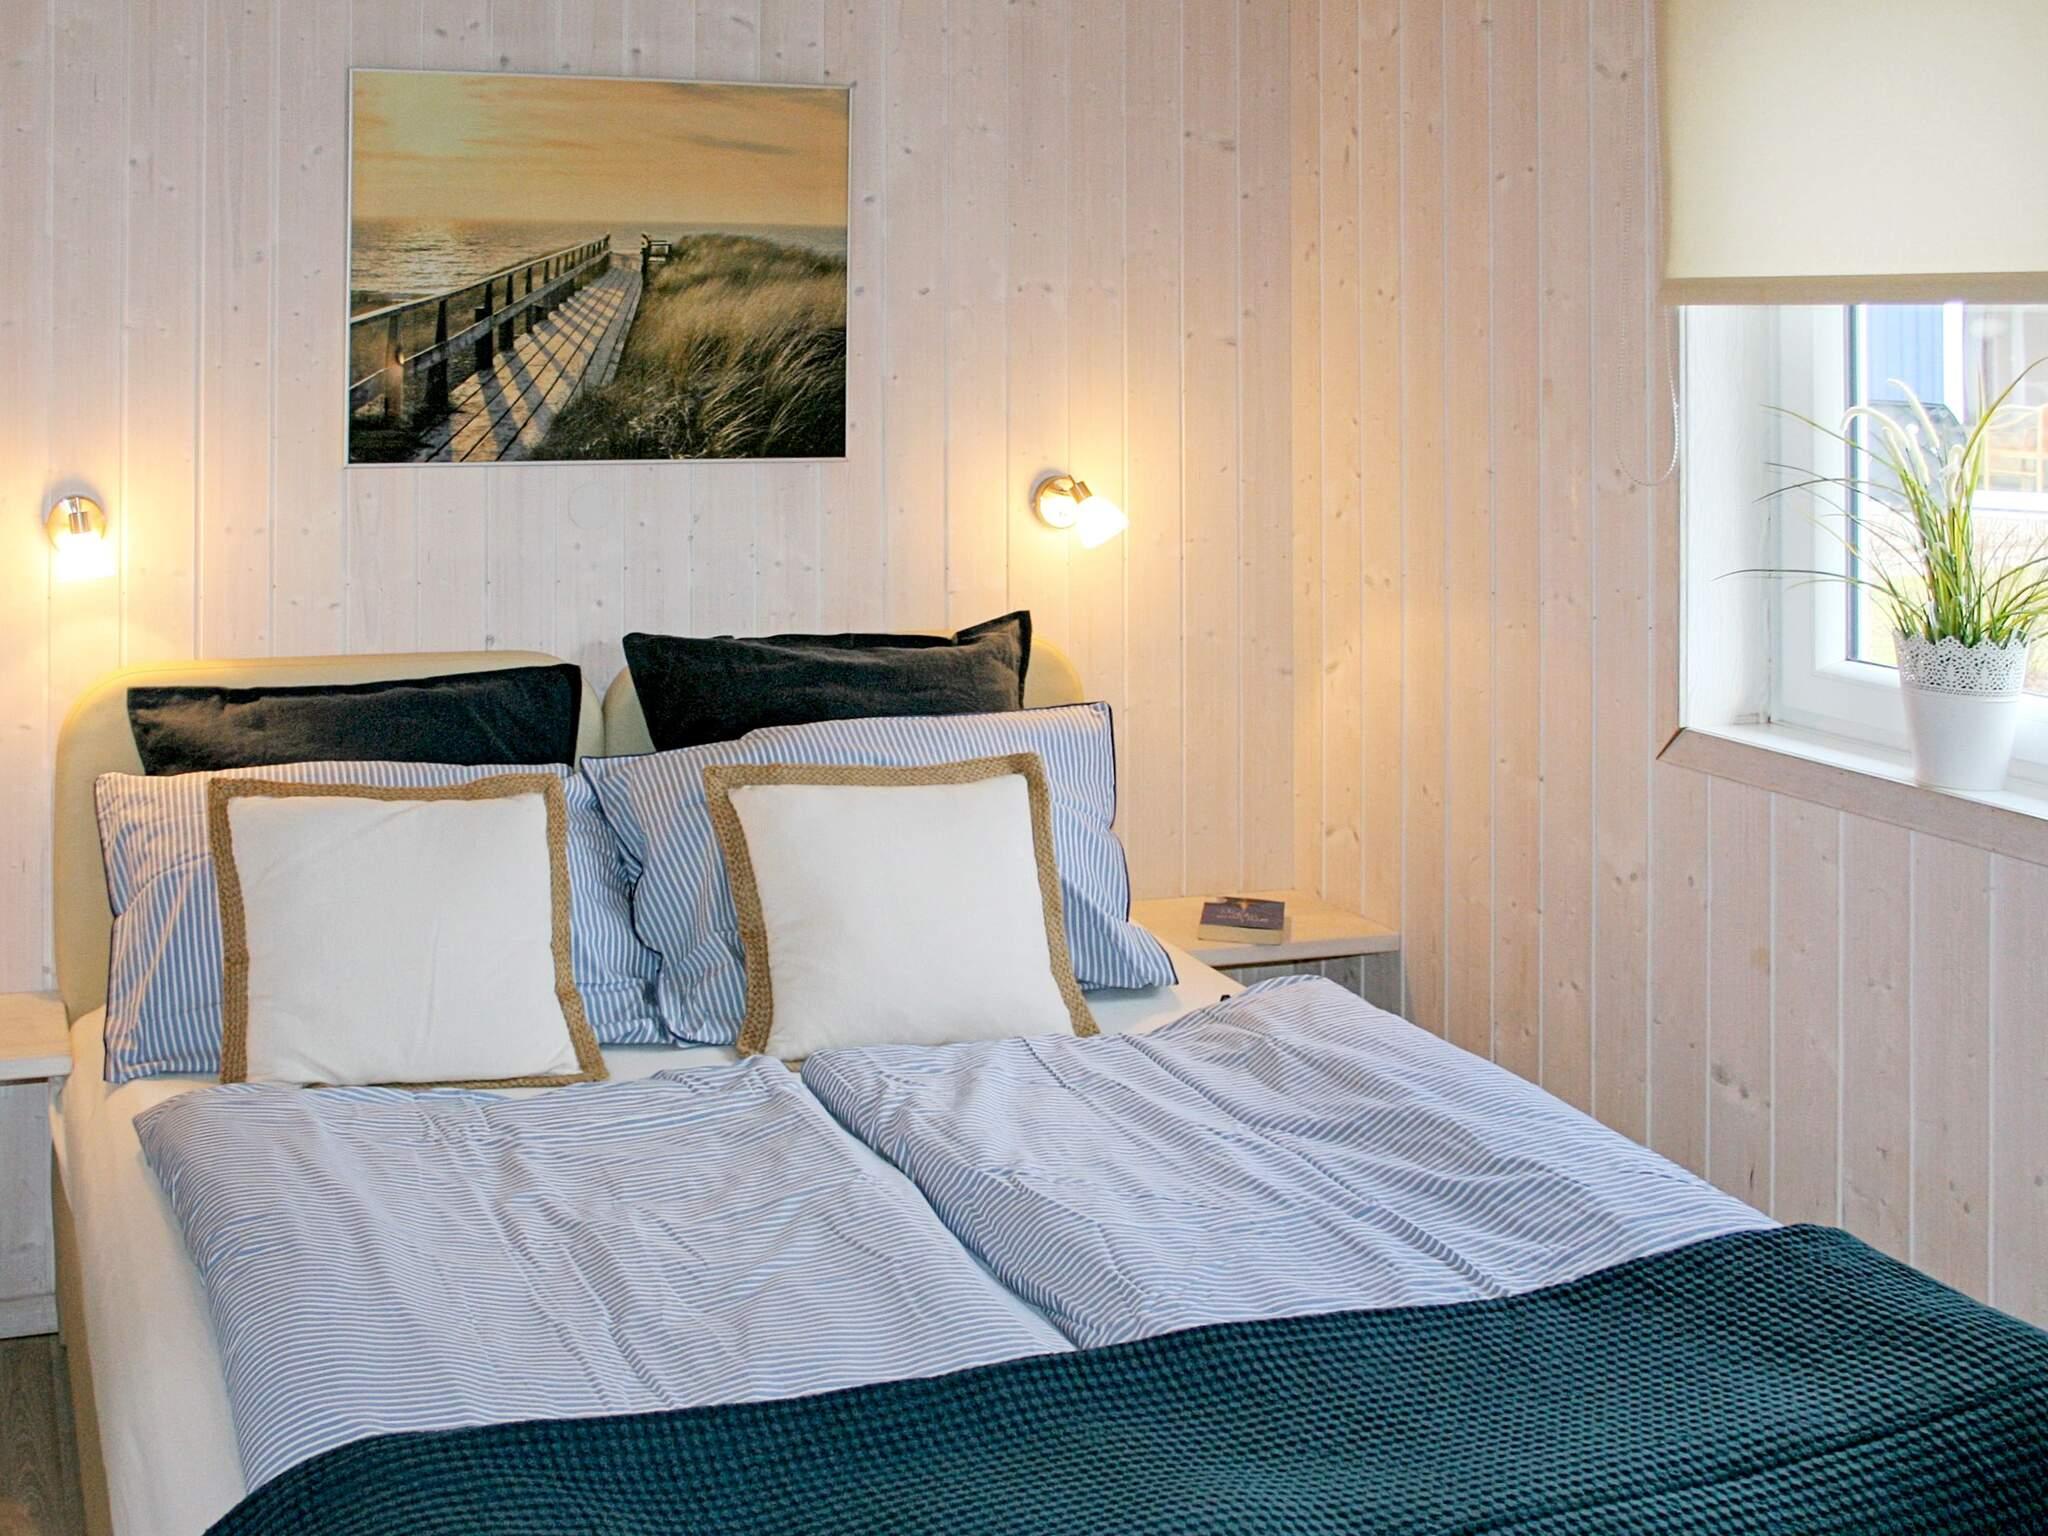 Maison de vacances Grömitz (436443), Grömitz, Baie de Lübeck, Schleswig-Holstein, Allemagne, image 8